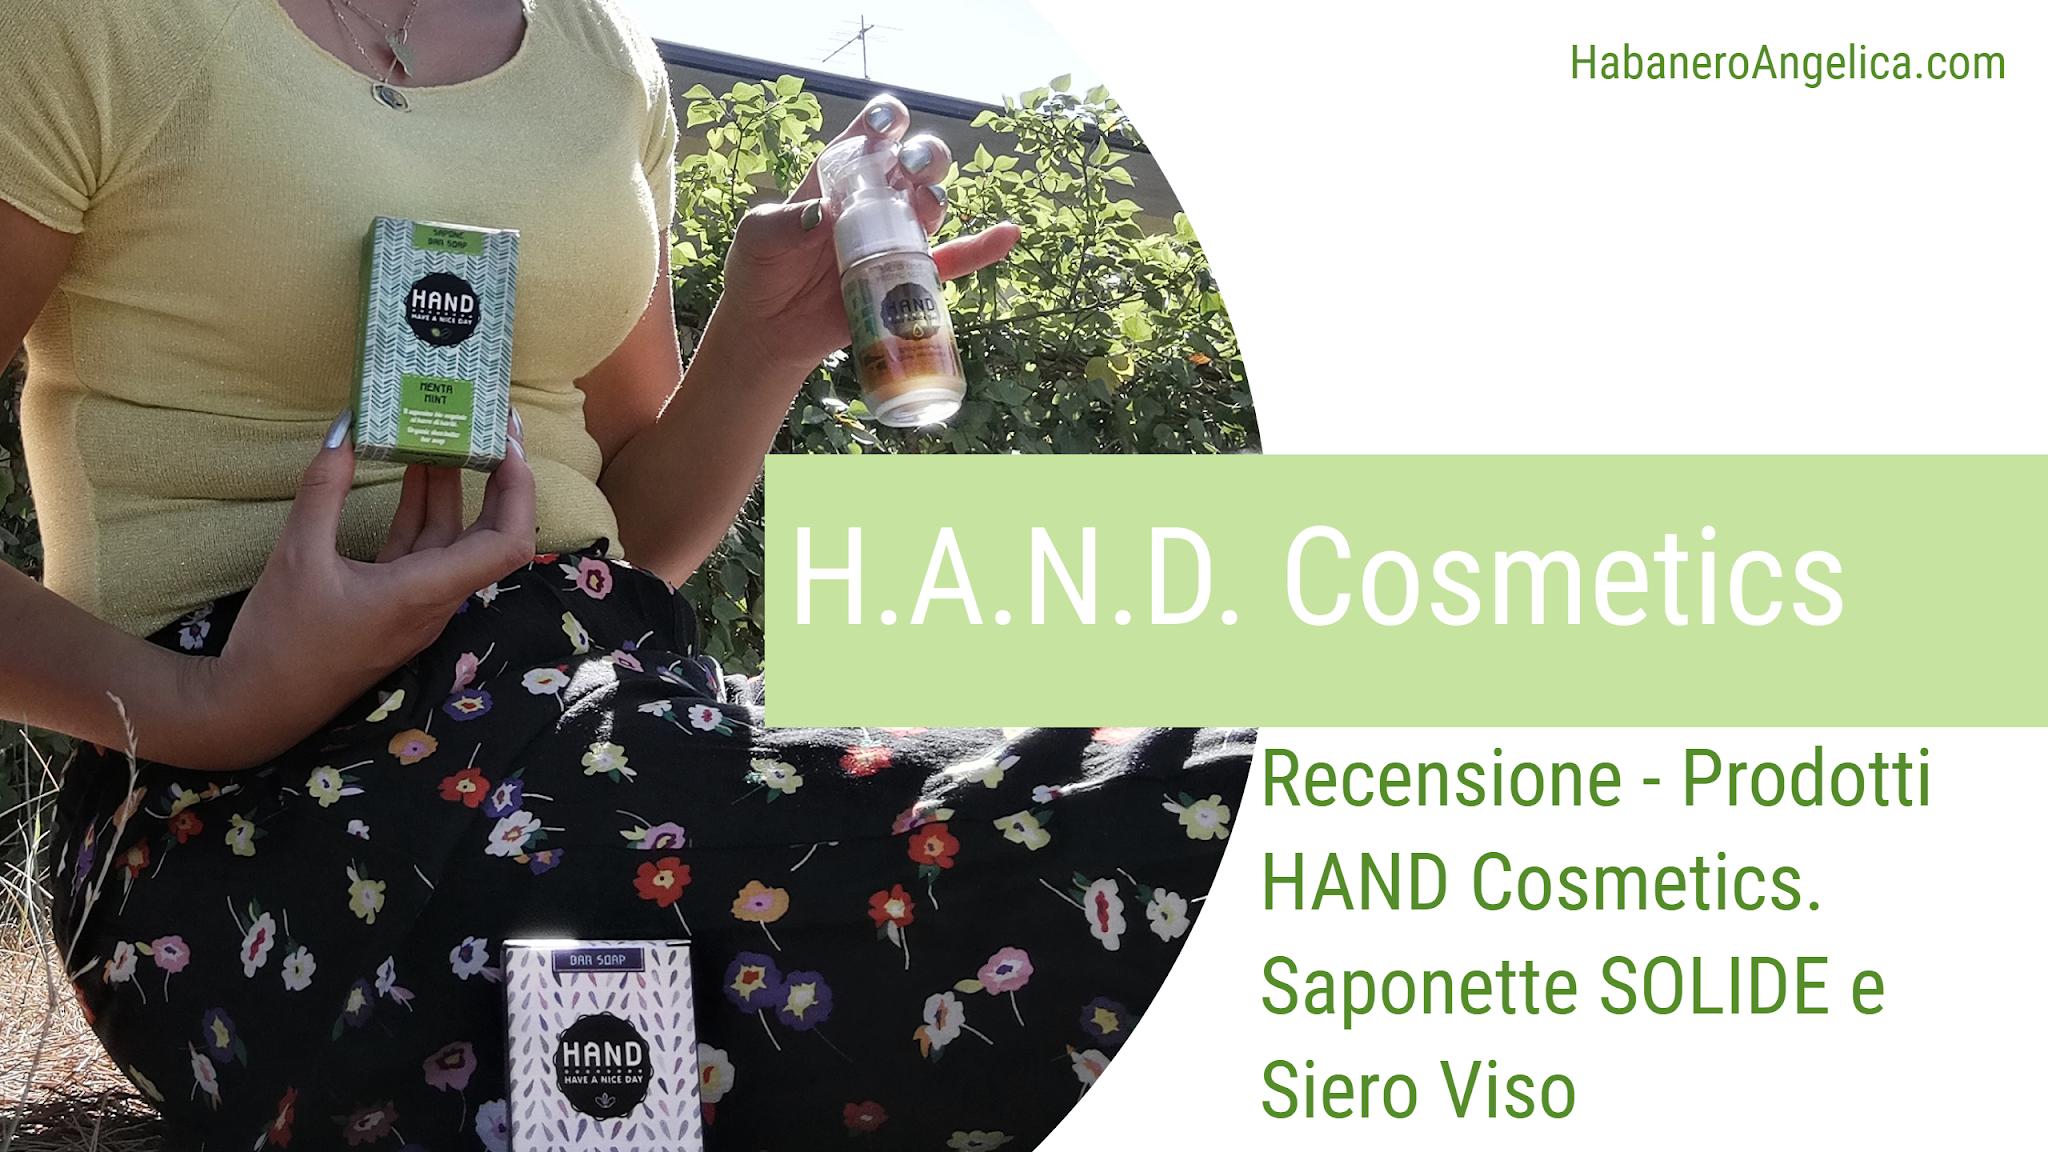 HAND COSMETICS VISO CORPO OPINIONI RECENSIONE